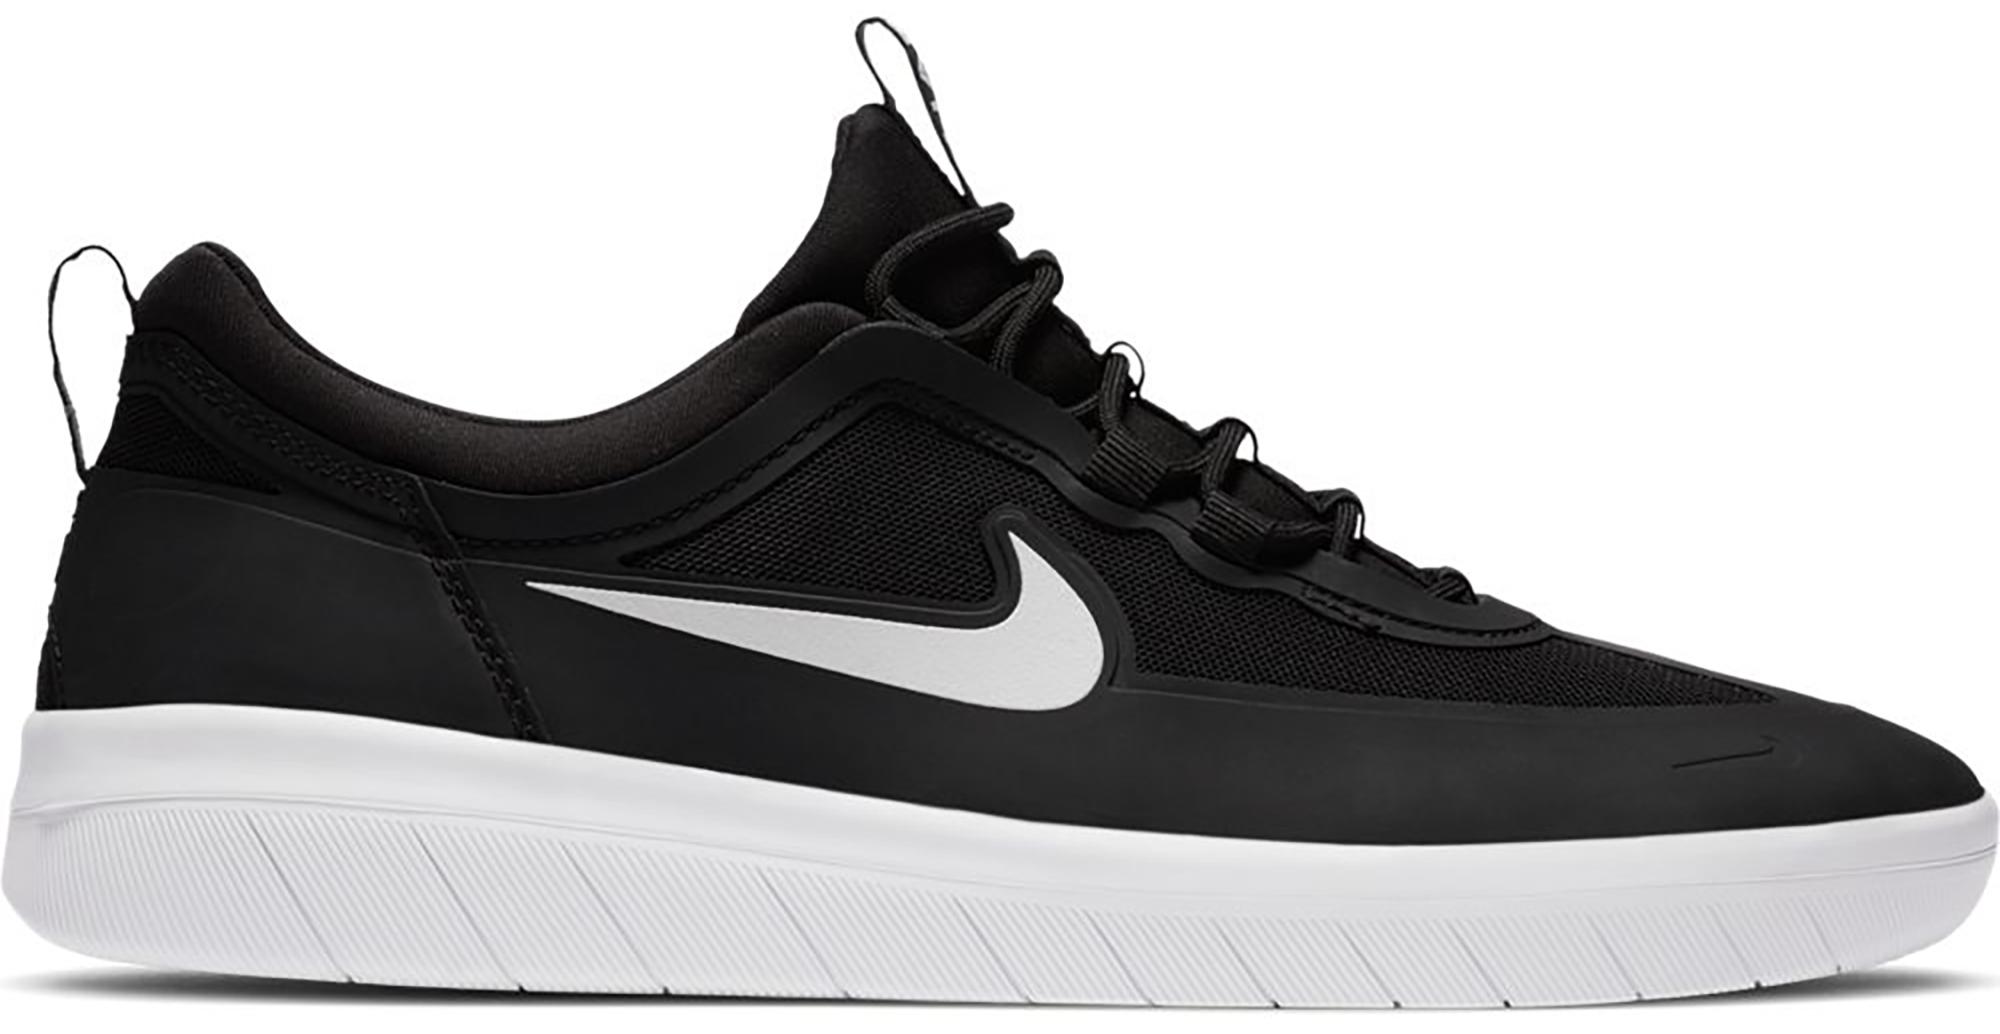 Nike SB Nyjah Free 2 Black White